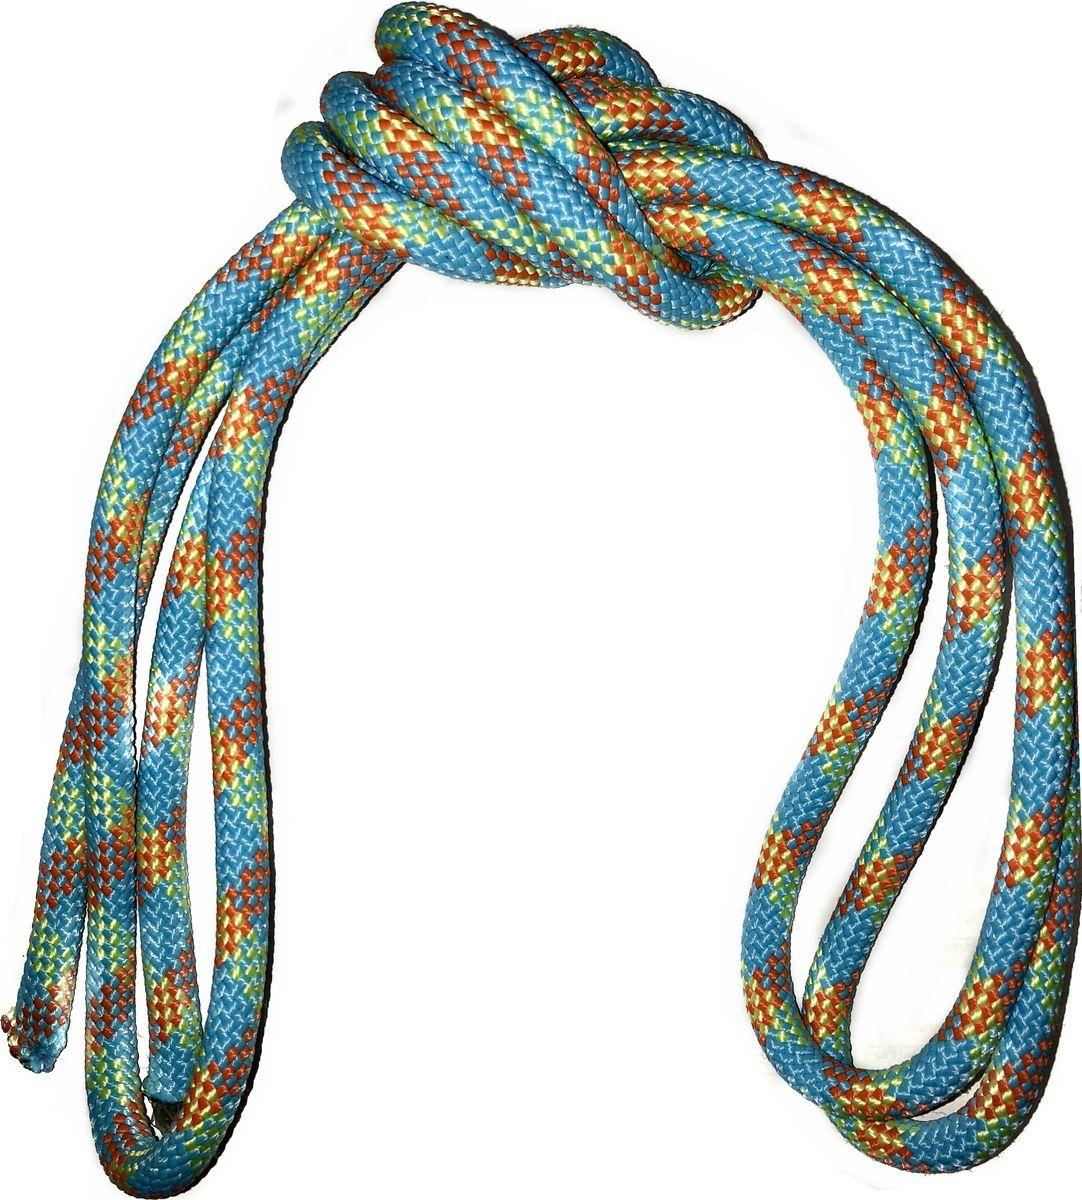 Скакалка гимнастическая Indigo, утяжеленная, цвет: разноцветный, 3 м. 00022411 скакалка скоростная proxima crossfit цвет черный красный 3 м